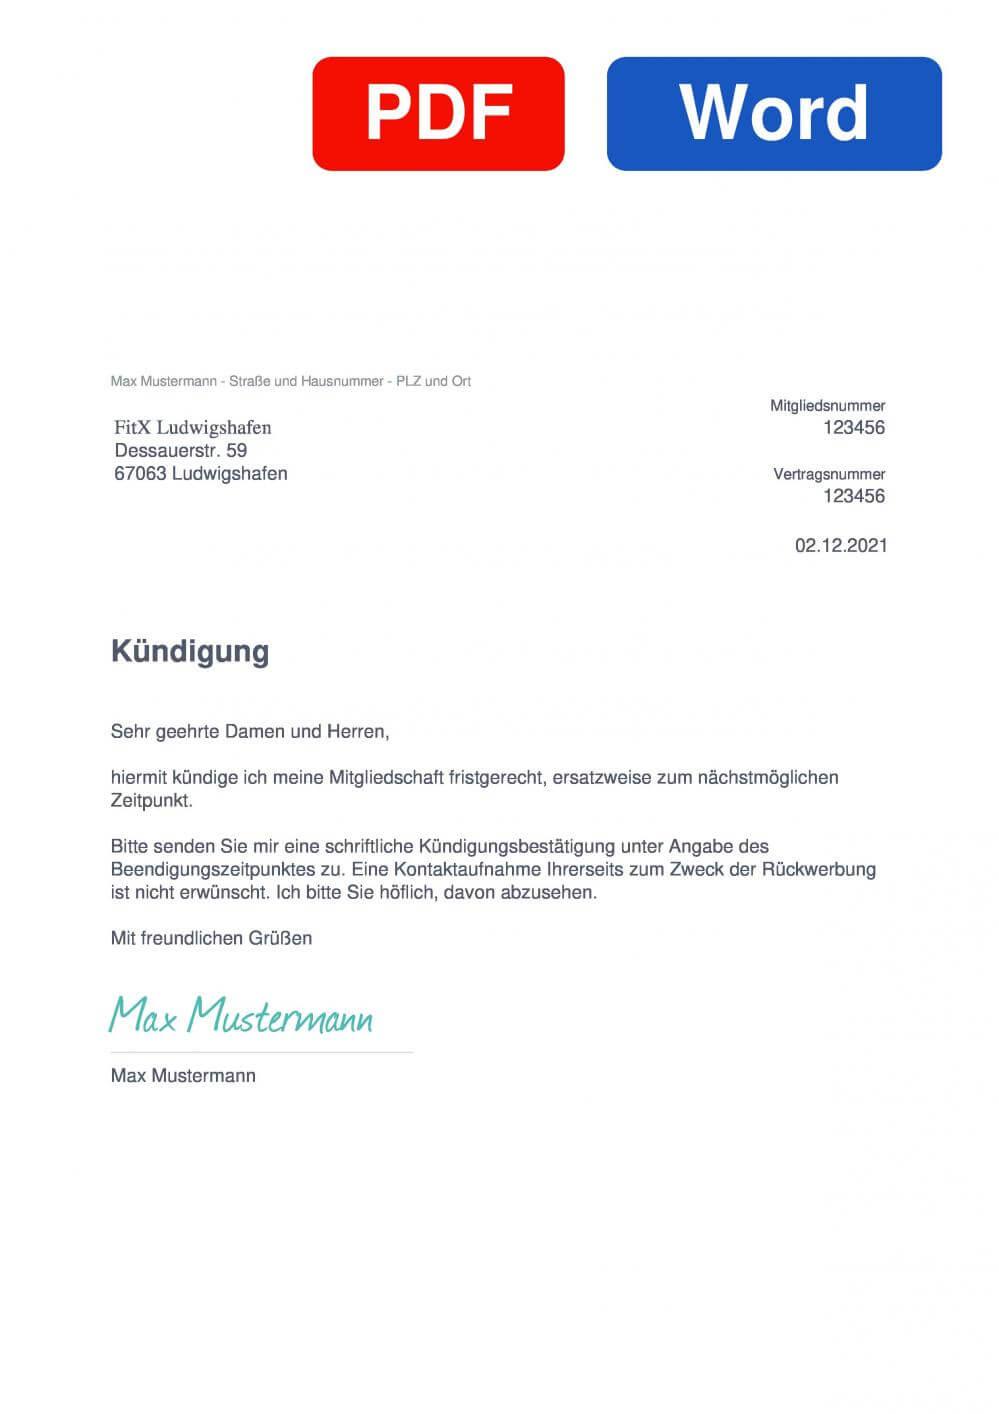 FitX Ludwigshafen Muster Vorlage für Kündigungsschreiben